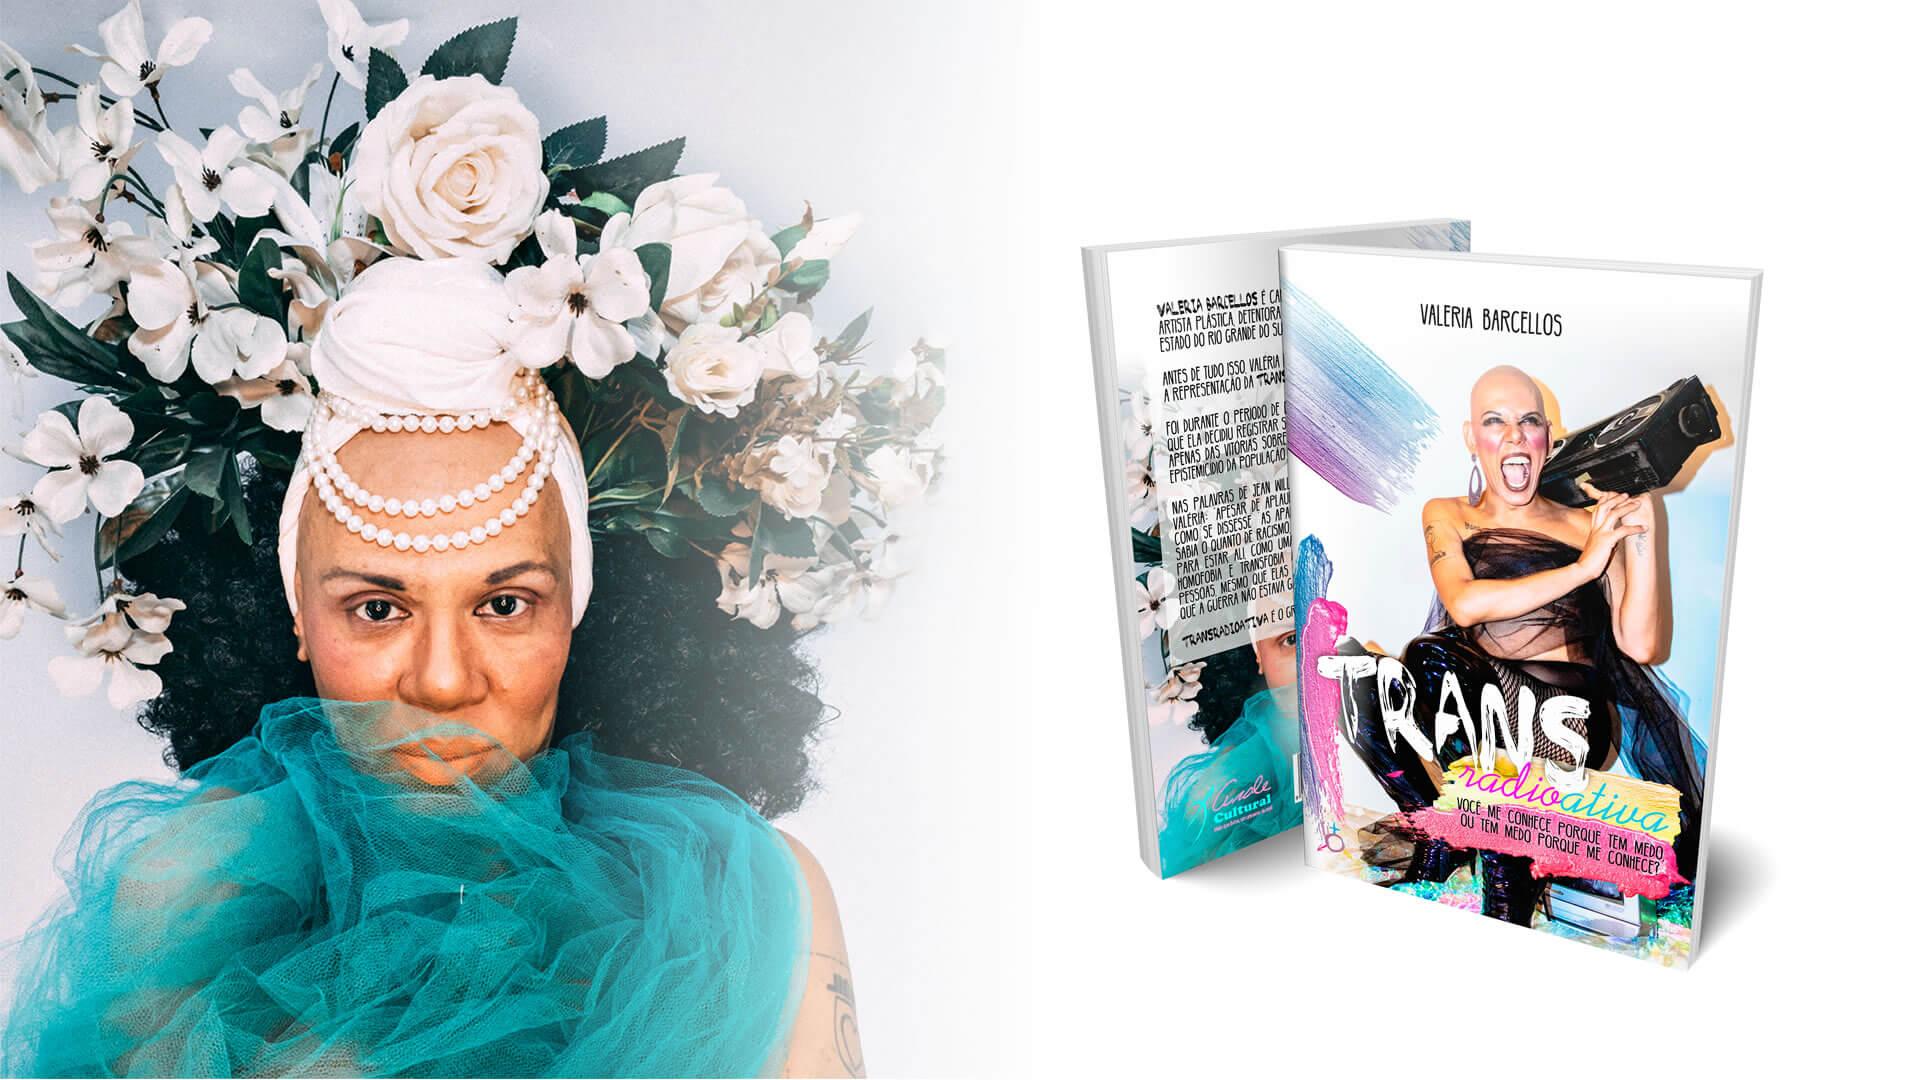 Arole Cultural | Monocó Literatura LGBTQ+ é o selo da diversidade da Editora Arole Cultural, trazendo em livros a voz da diversidade e do respeito às diferenças!